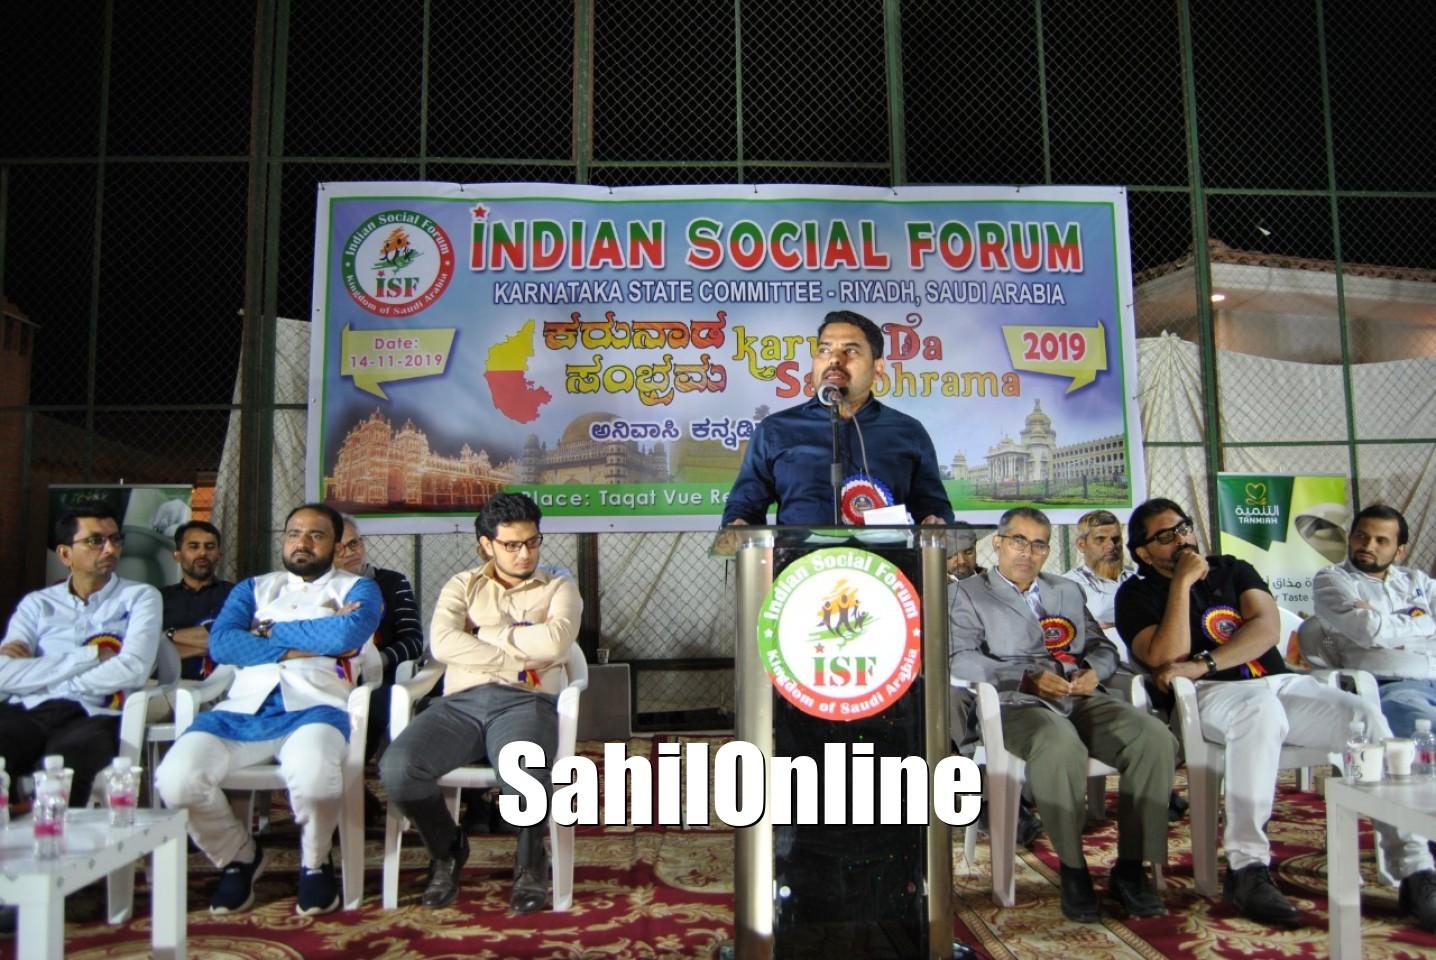 Indian dating forum dipol antenn hookup